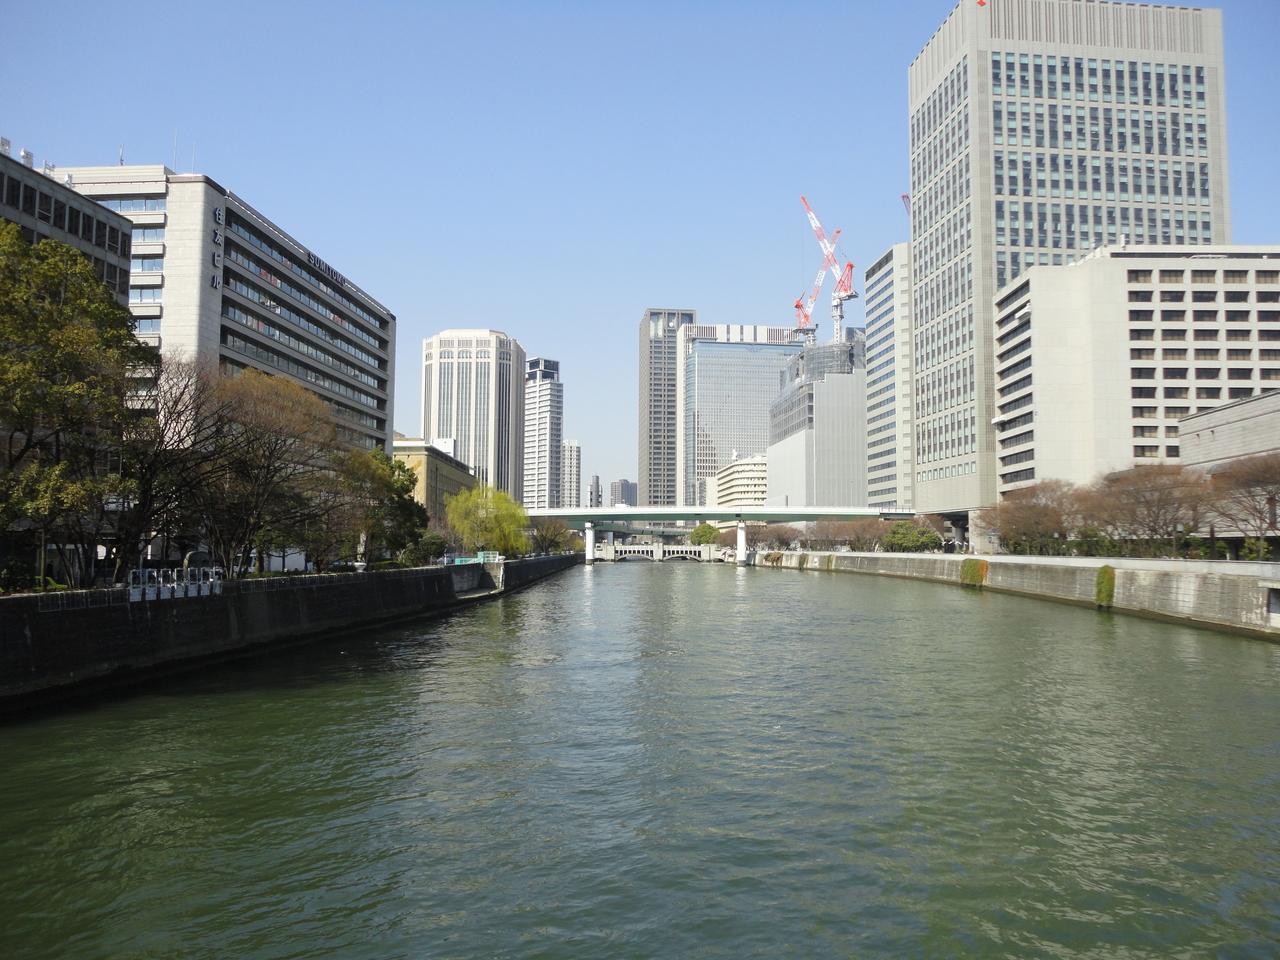 【大阪】淀屋橋で荷物を預けるならスマホ予約でecbo cloak。コインロッカー代わりに利用できる店舗をご紹介!